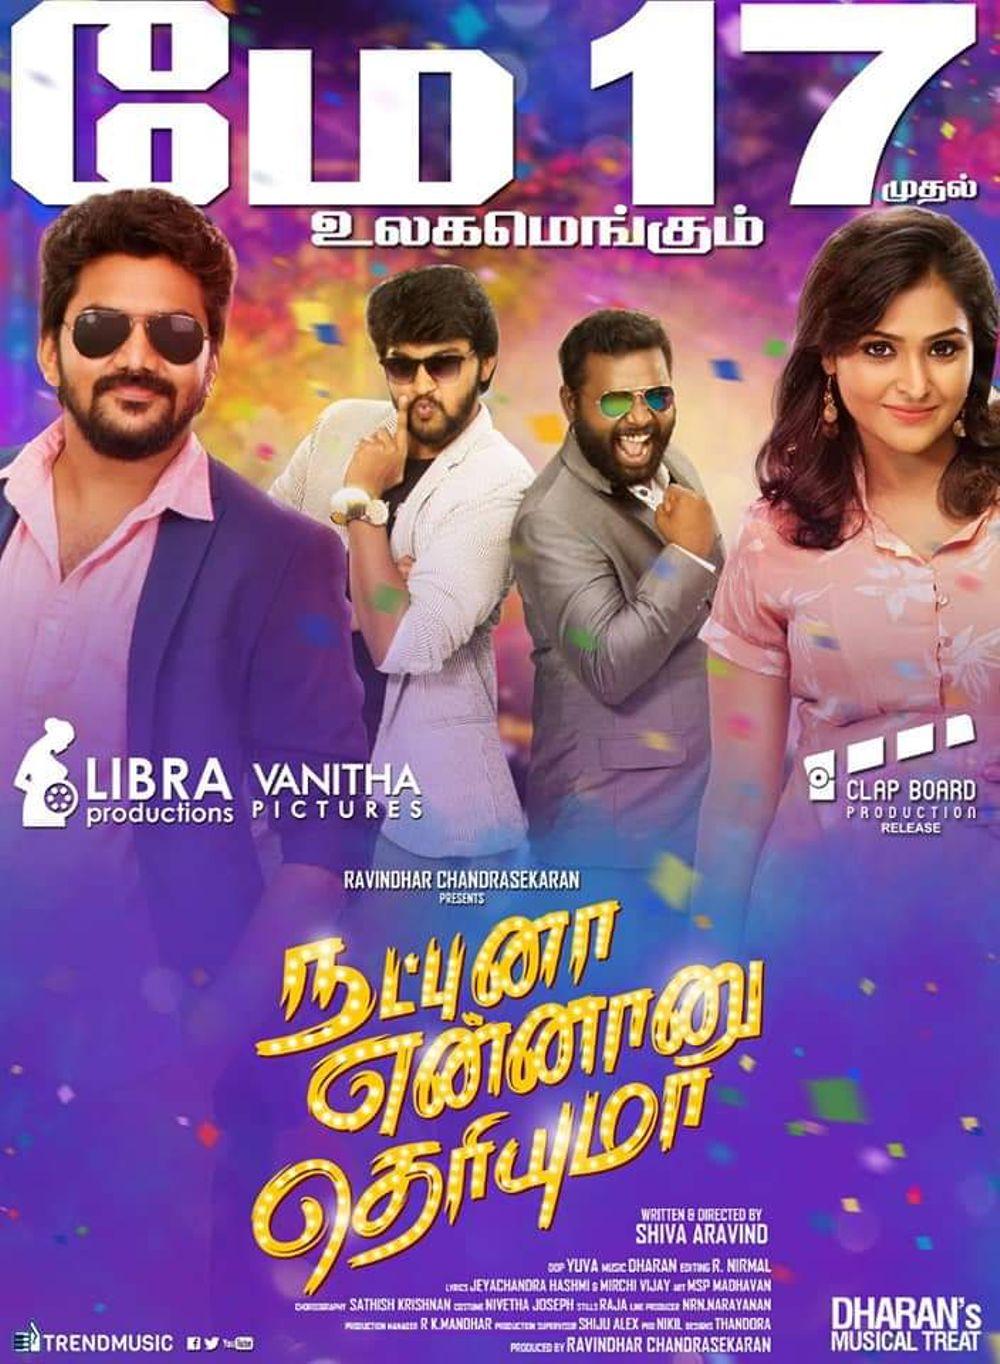 Natpuna Ennanu Theriyuma Movie Review Tamil Movie Review